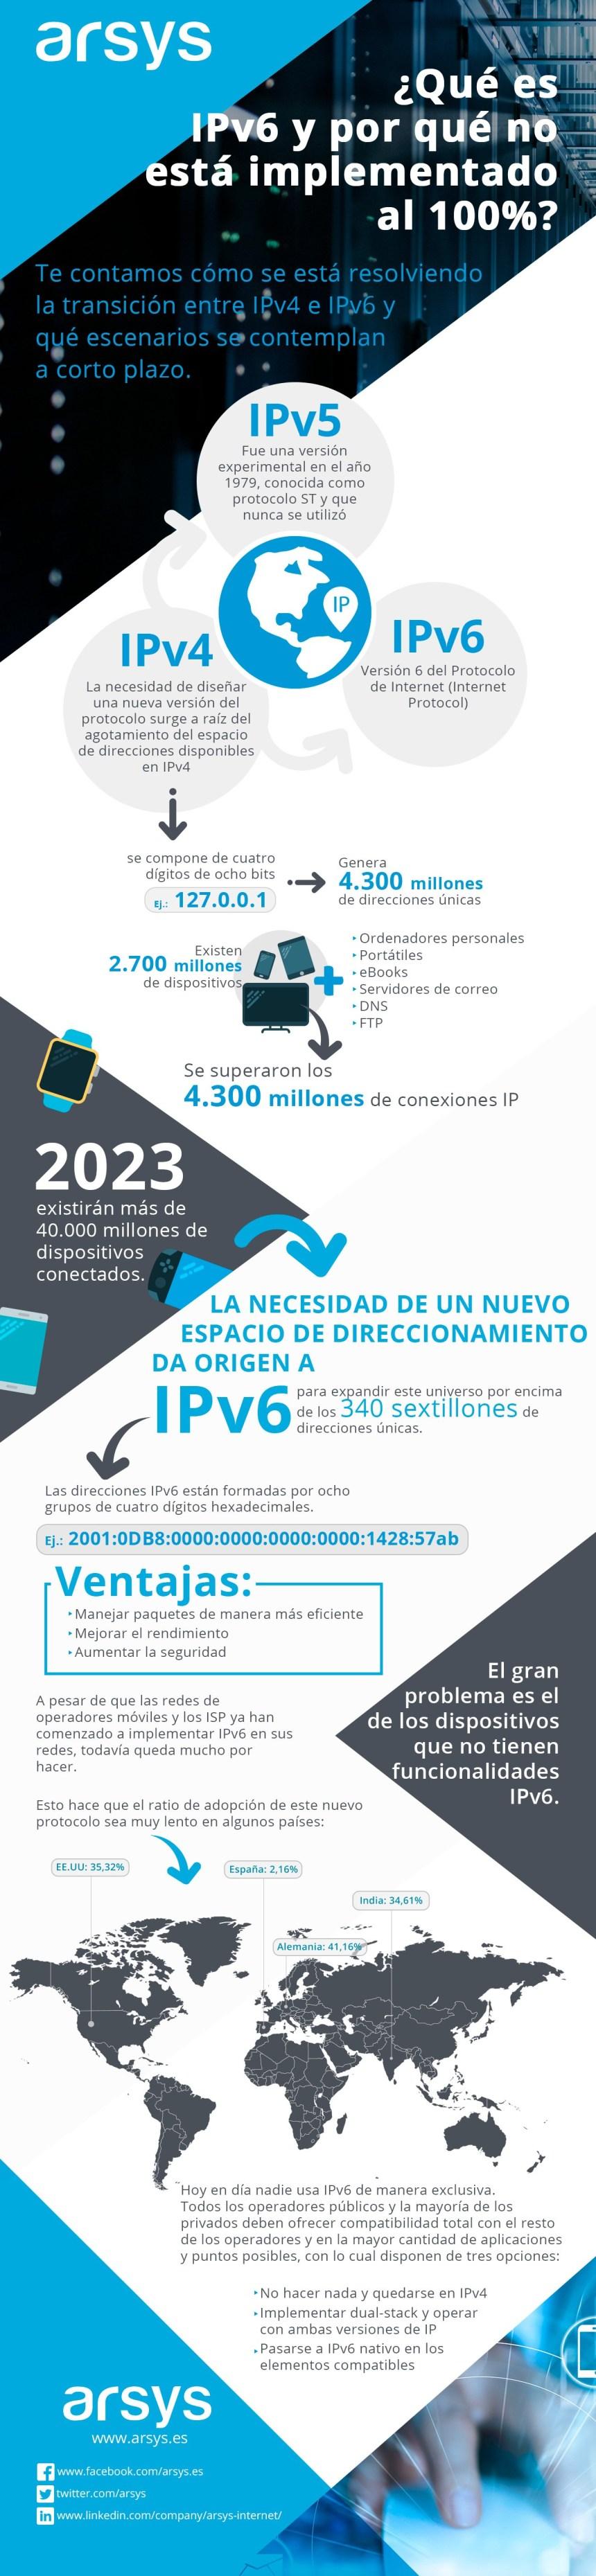 Qué es IPv6 y por qué no está totalmente implementado #infografia #infographic #internet